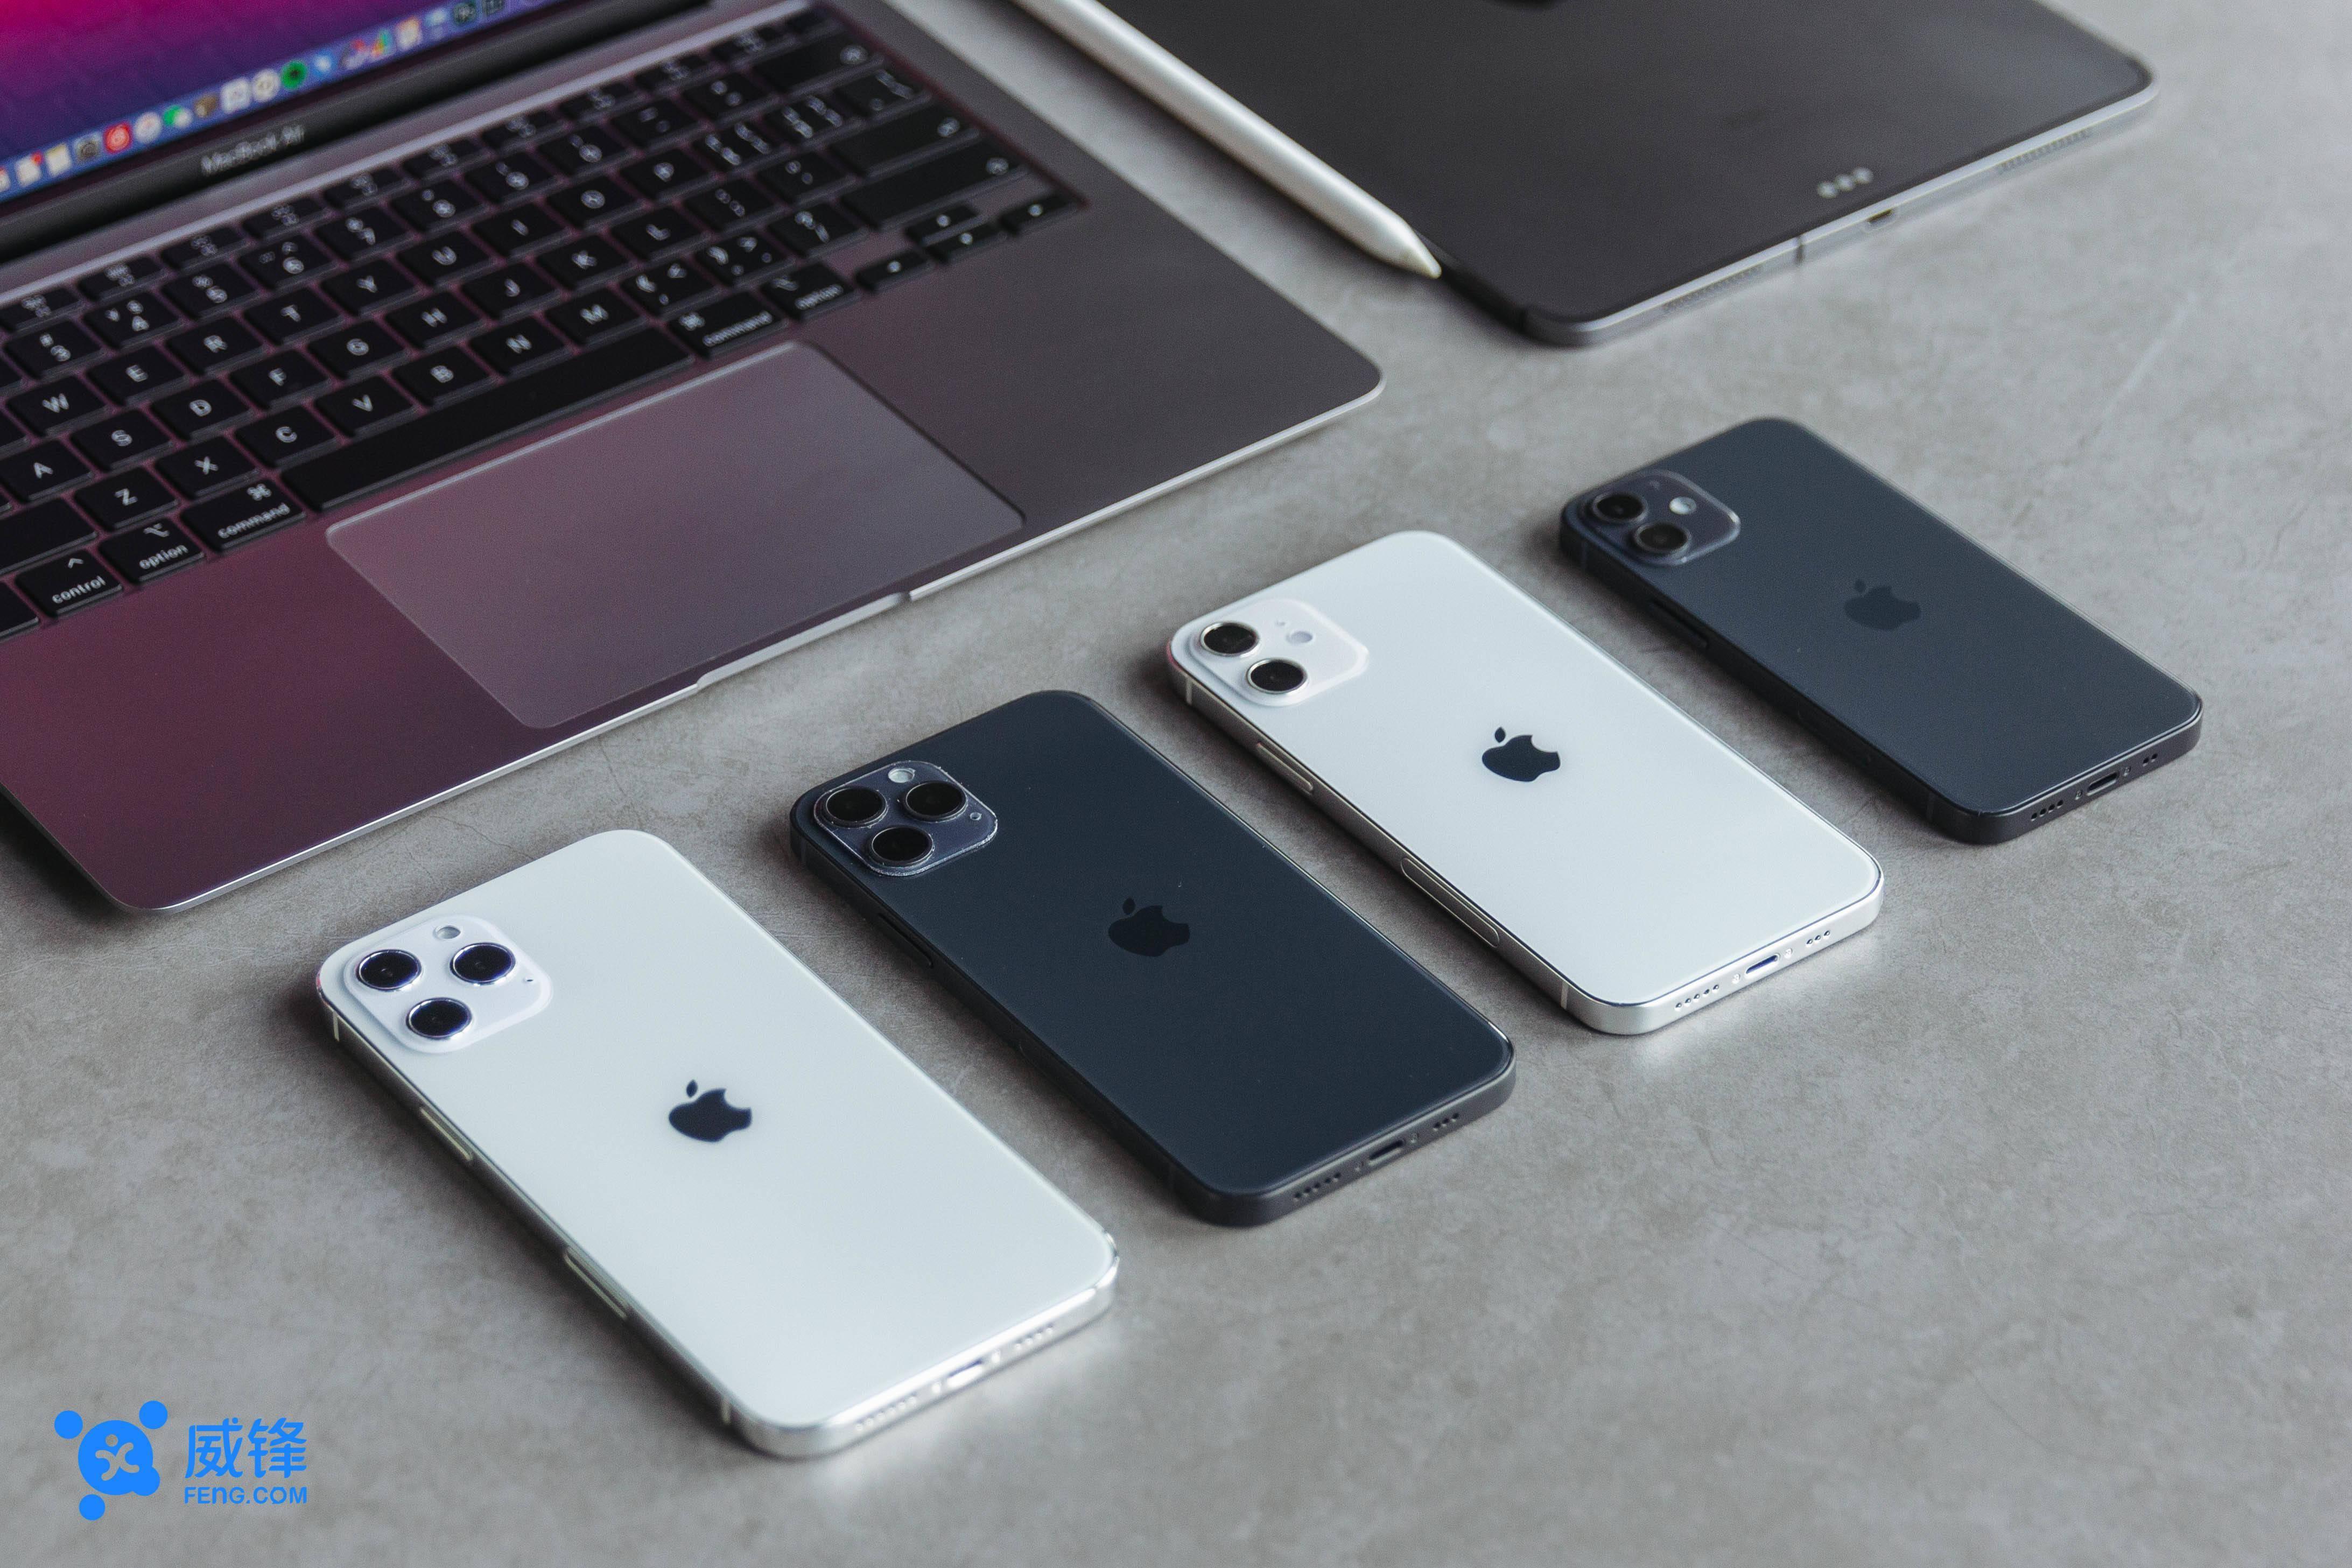 采用mmWave 5G技术的iPhone 12出货可能会少几百万部